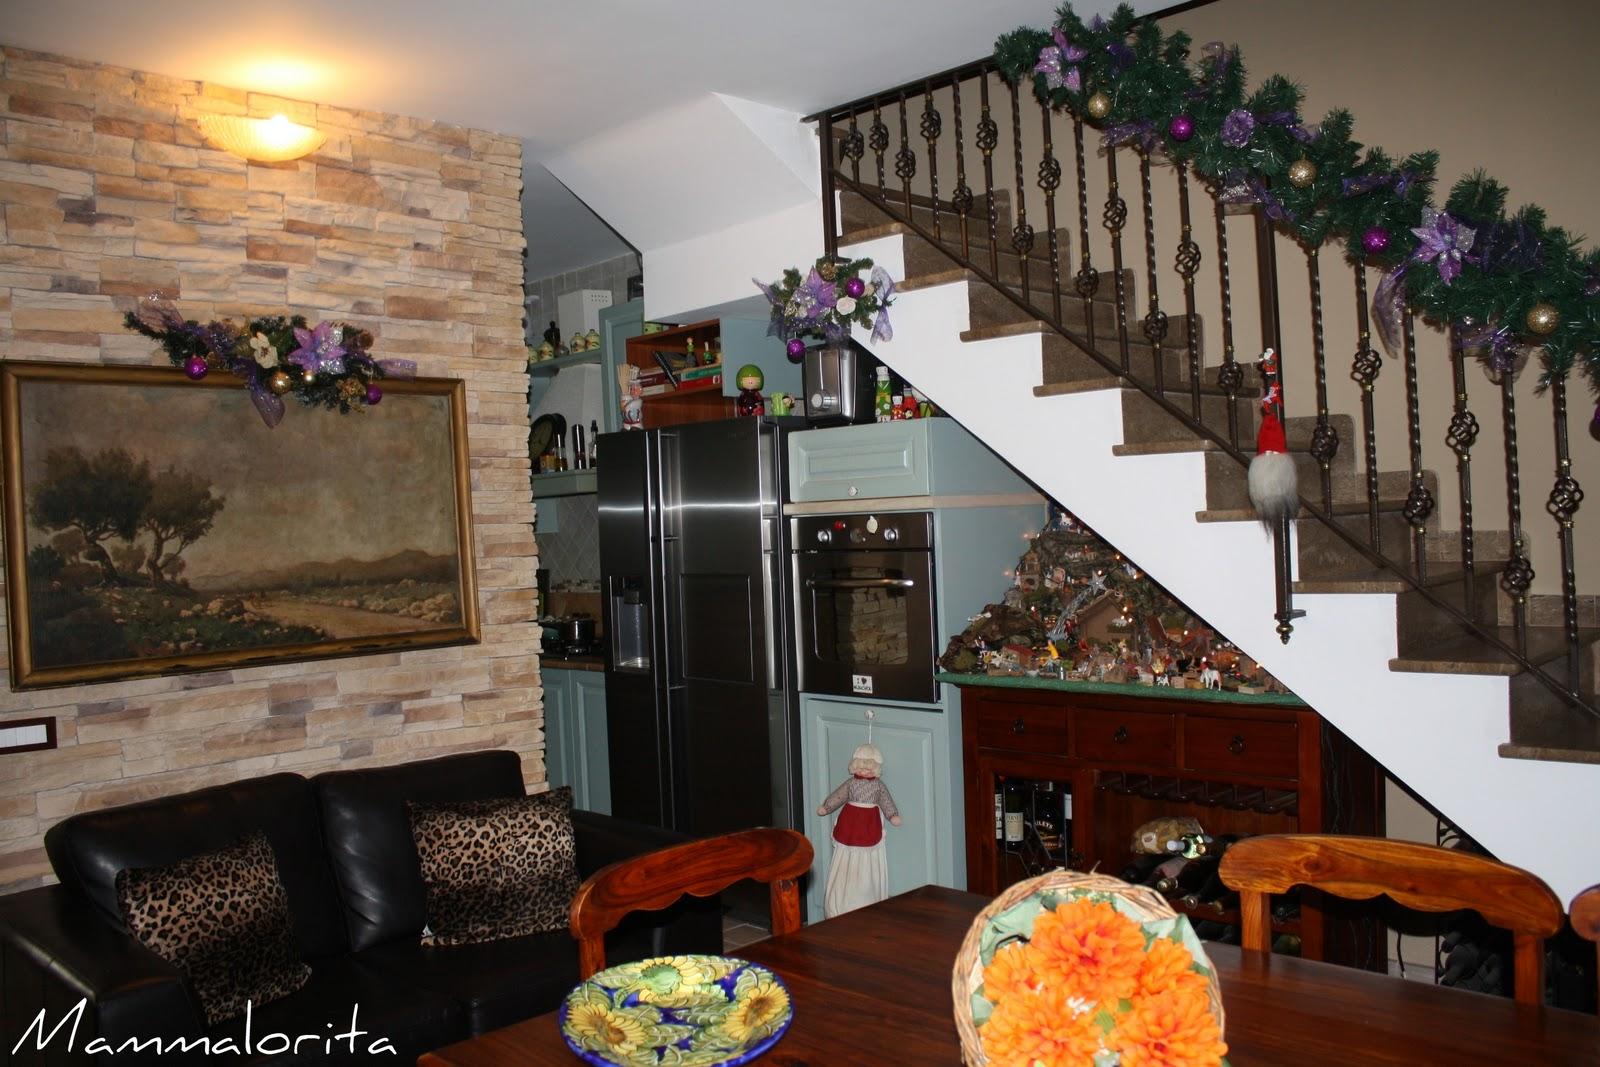 mammalorita e 39 arrivato dicembre viva il natale ed ecco la mia casa addobbata. Black Bedroom Furniture Sets. Home Design Ideas